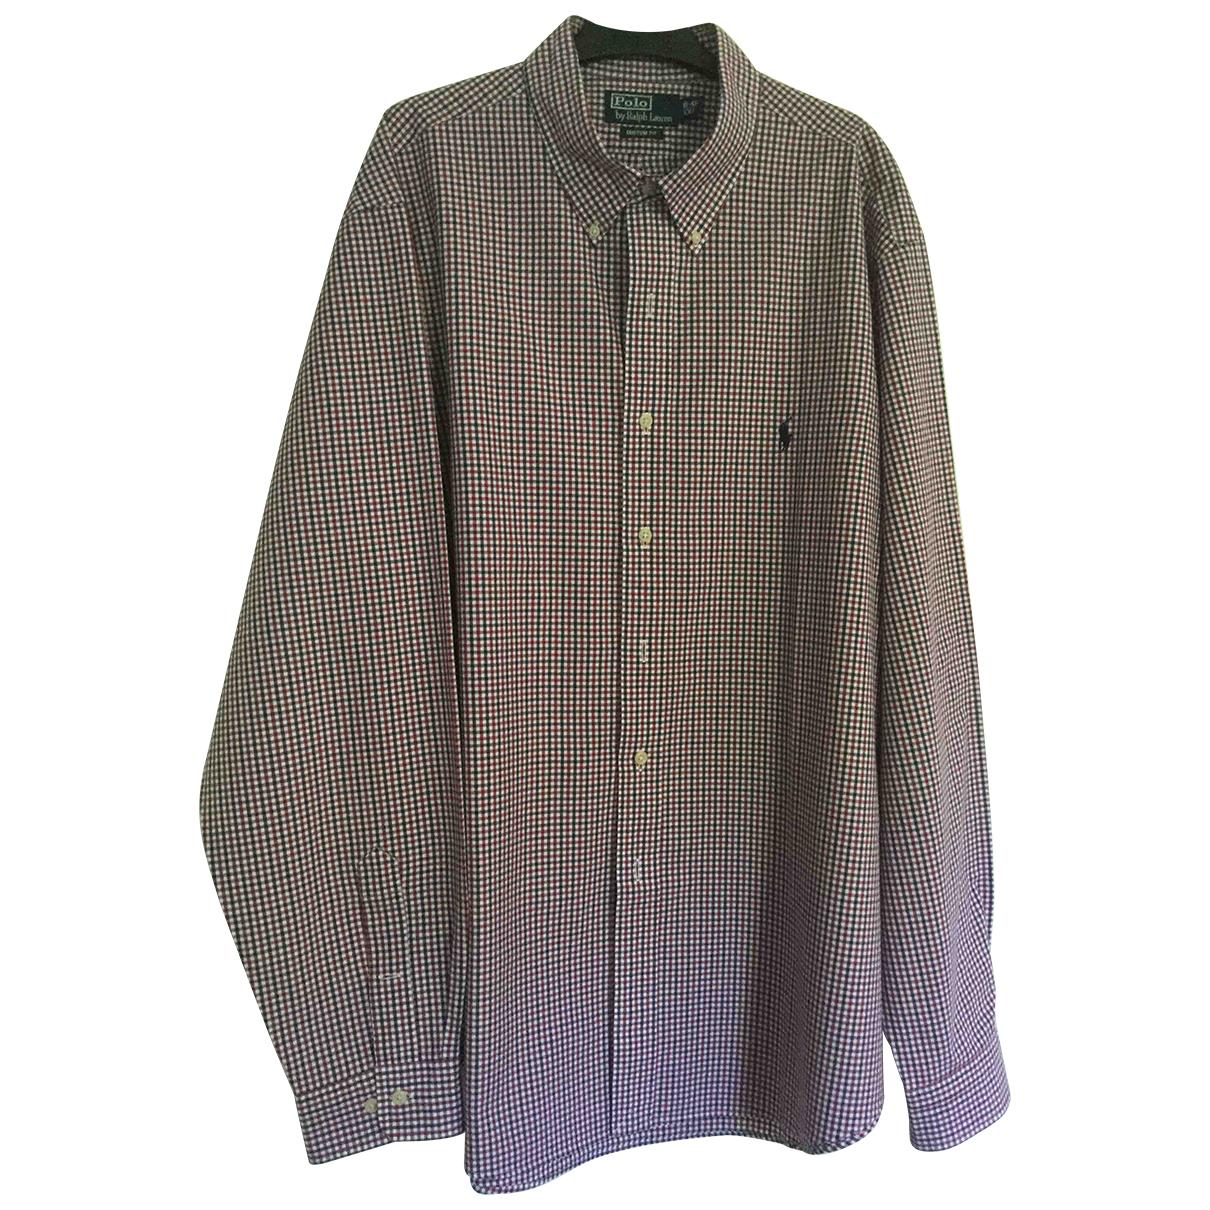 Camisas Polo classique manches longues Polo Ralph Lauren